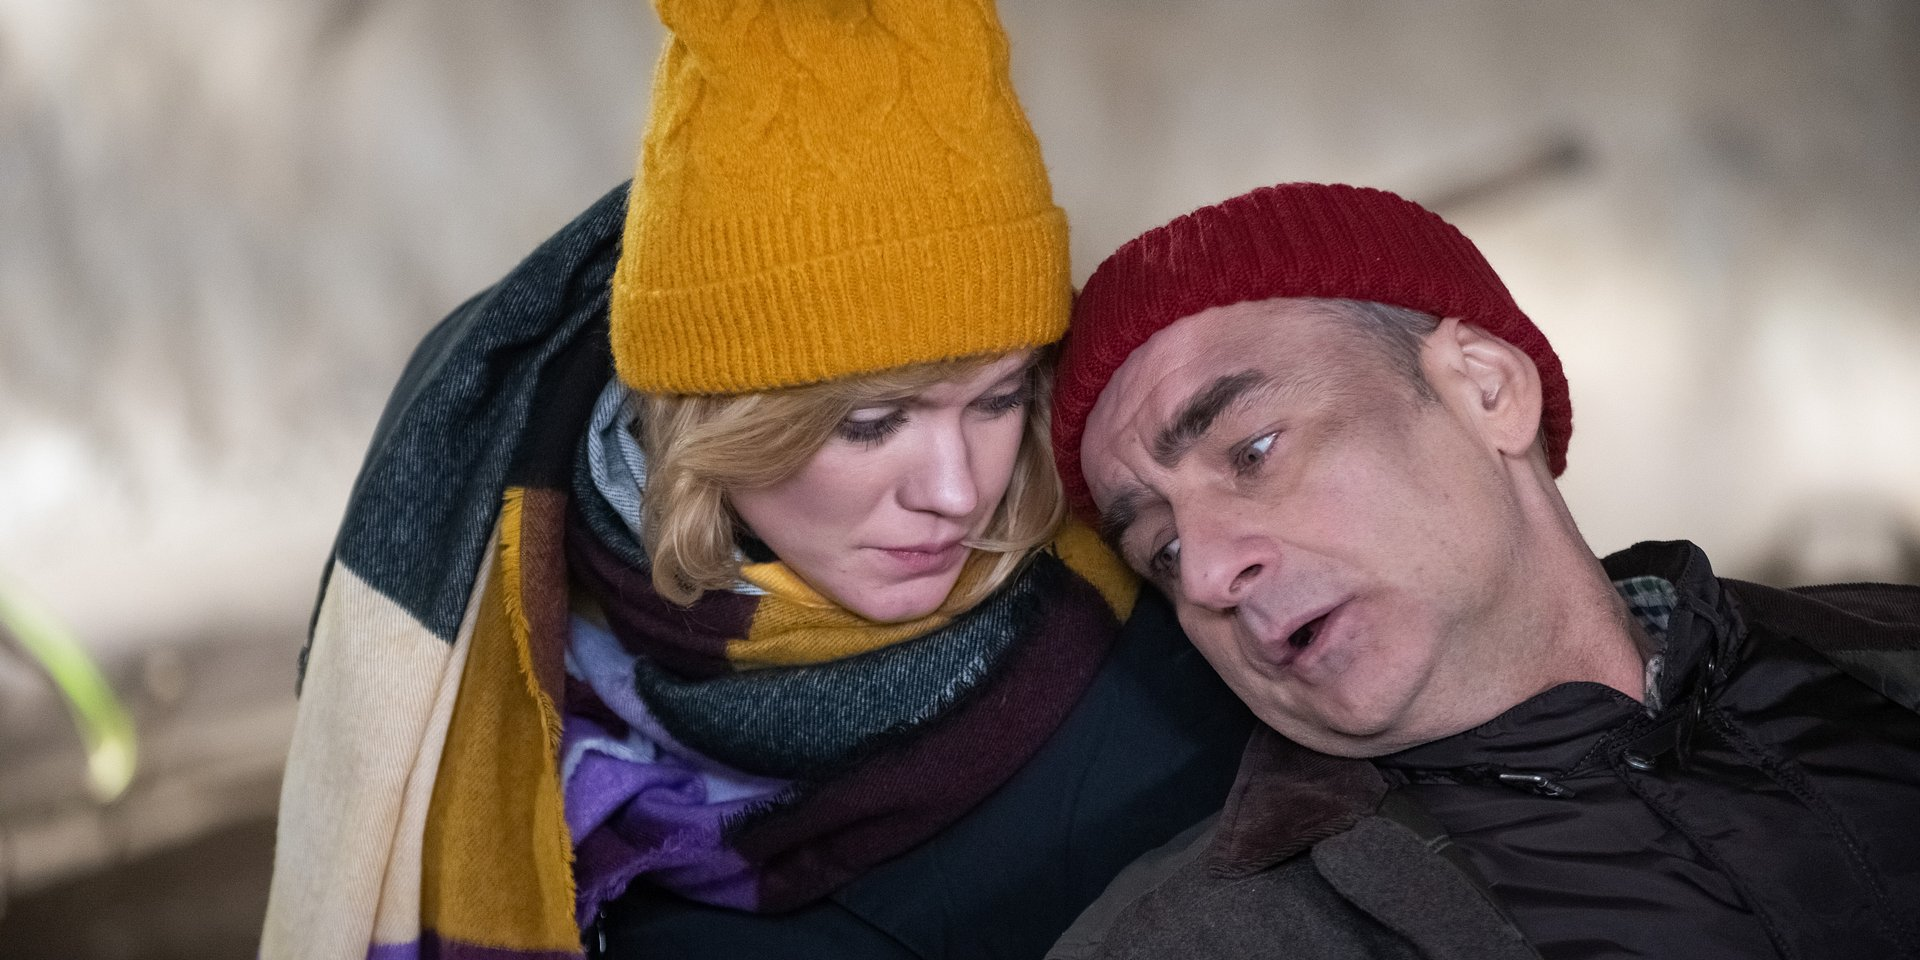 Na Wspólnej: Wiktor i Aniela pobici oraz uwięzieni przez bandytów!